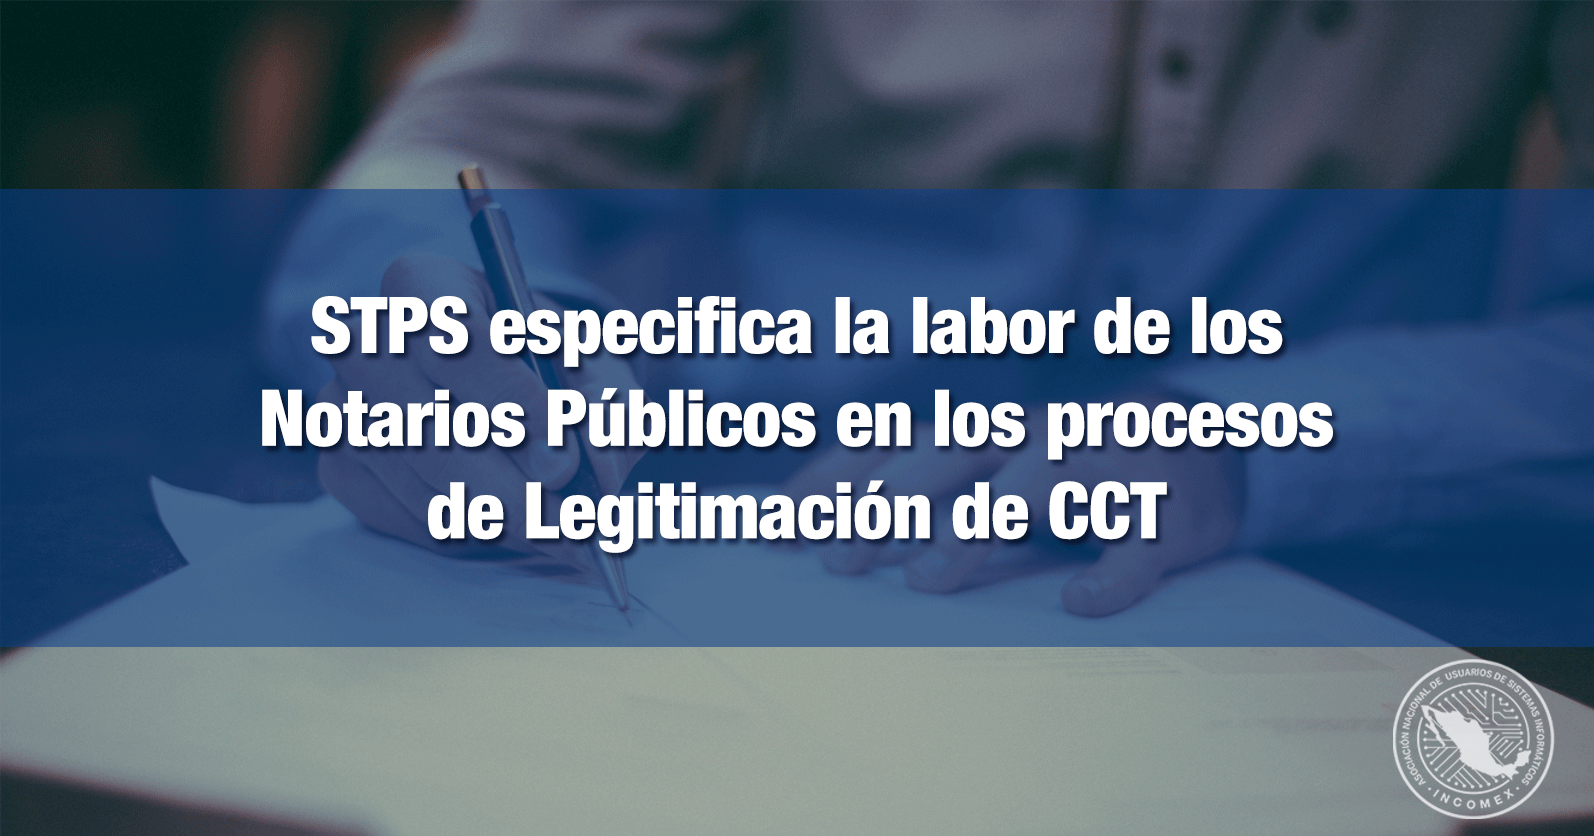 STPS especifica la labor de los Notarios Públicos en los procesos de Legitimación de CCT